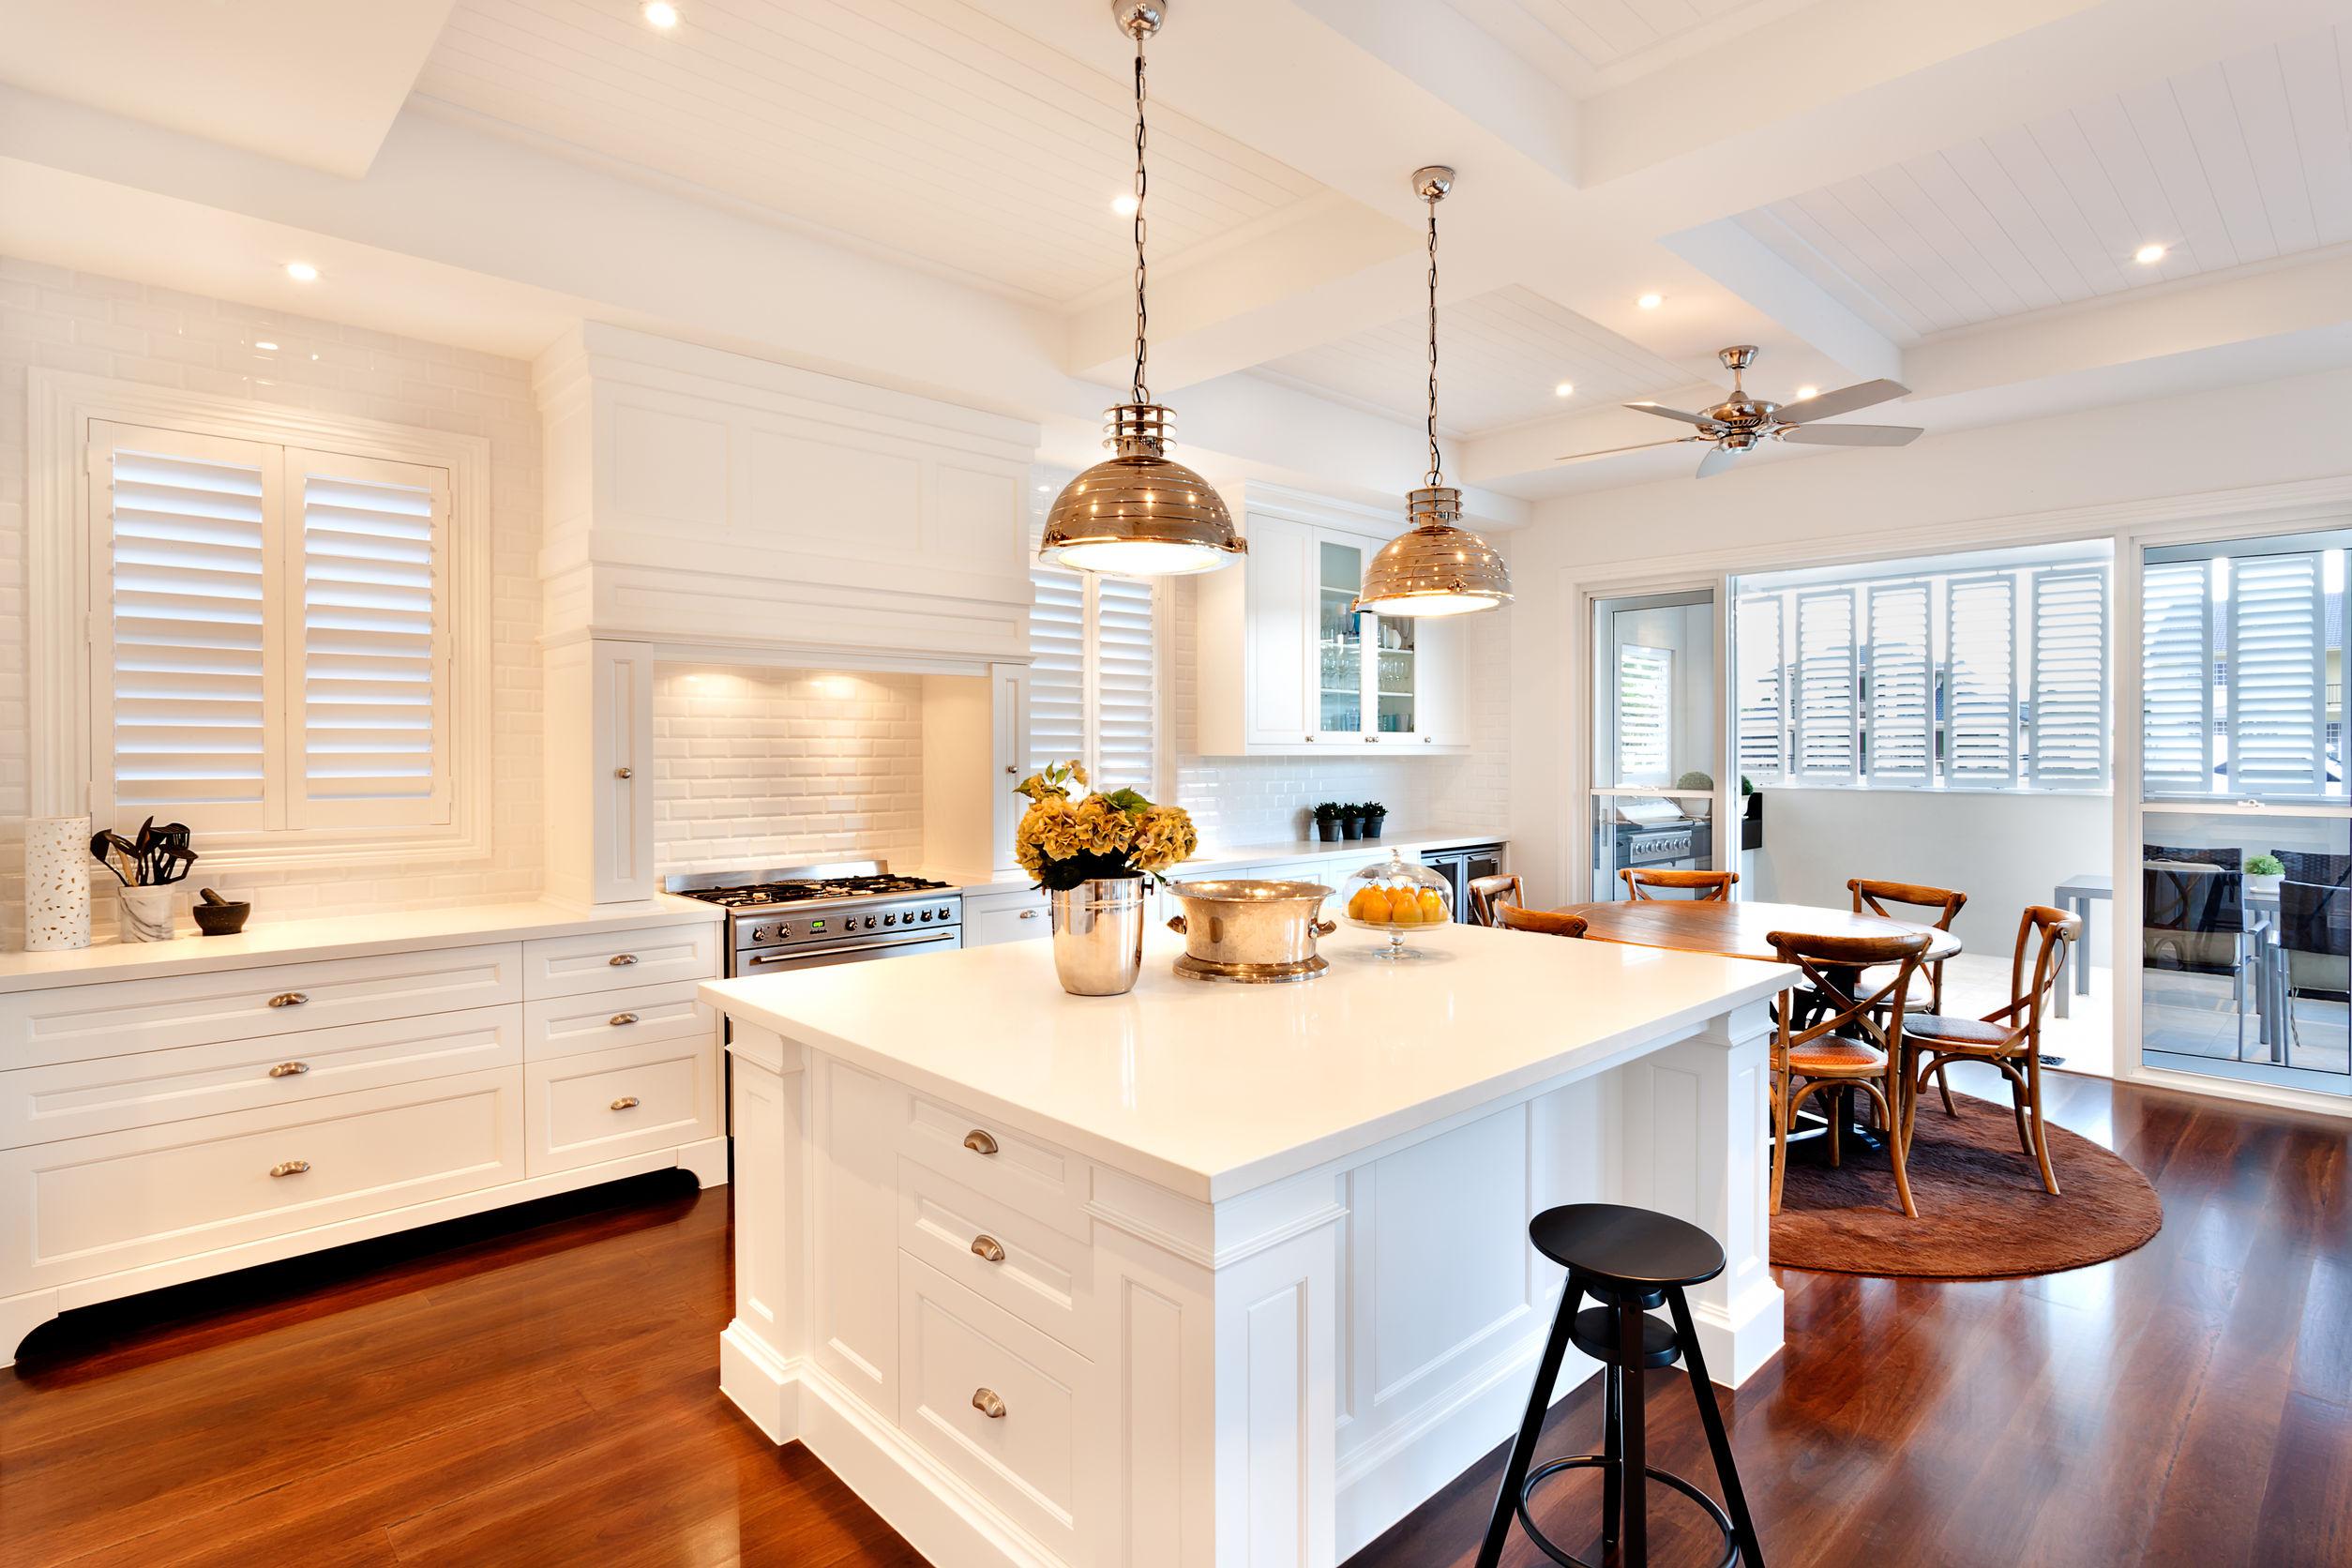 Cocina moderna con lamparas de techo